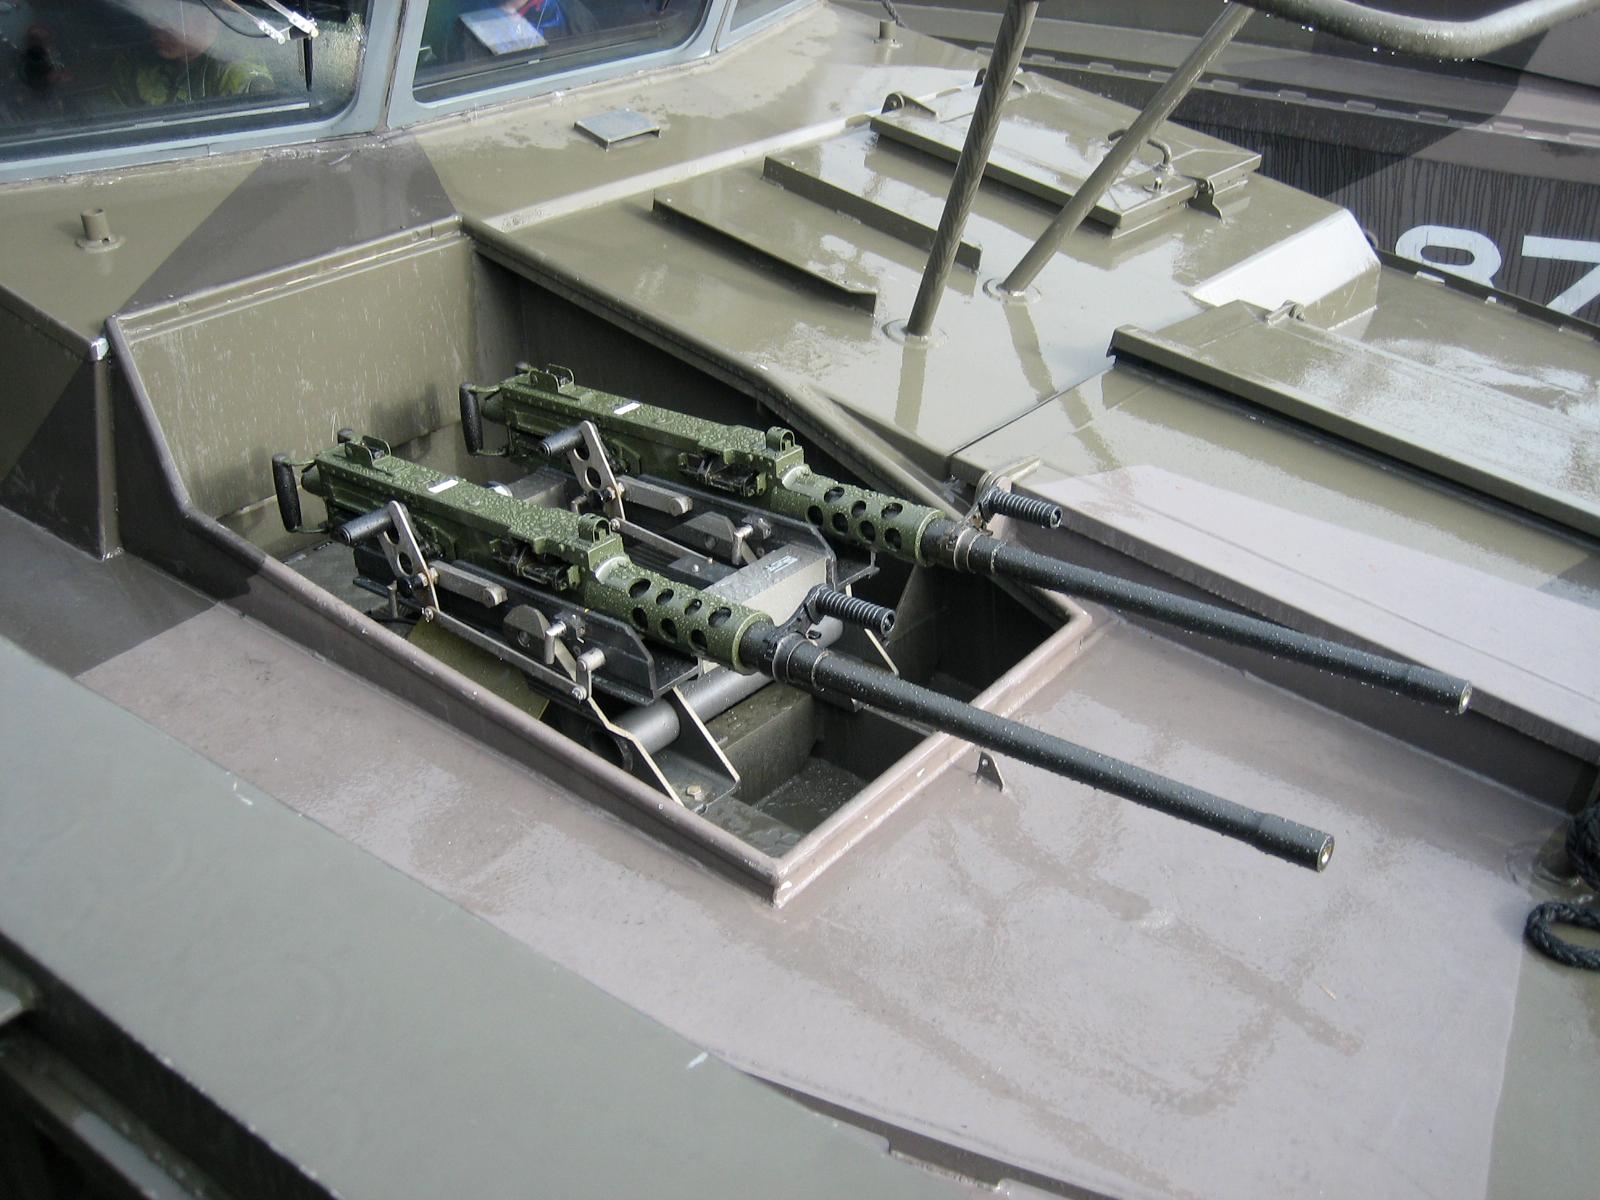 Patrullas Polaris I y II - Acuerdos, imagenes y datos relevantes CombatBoat90HMG